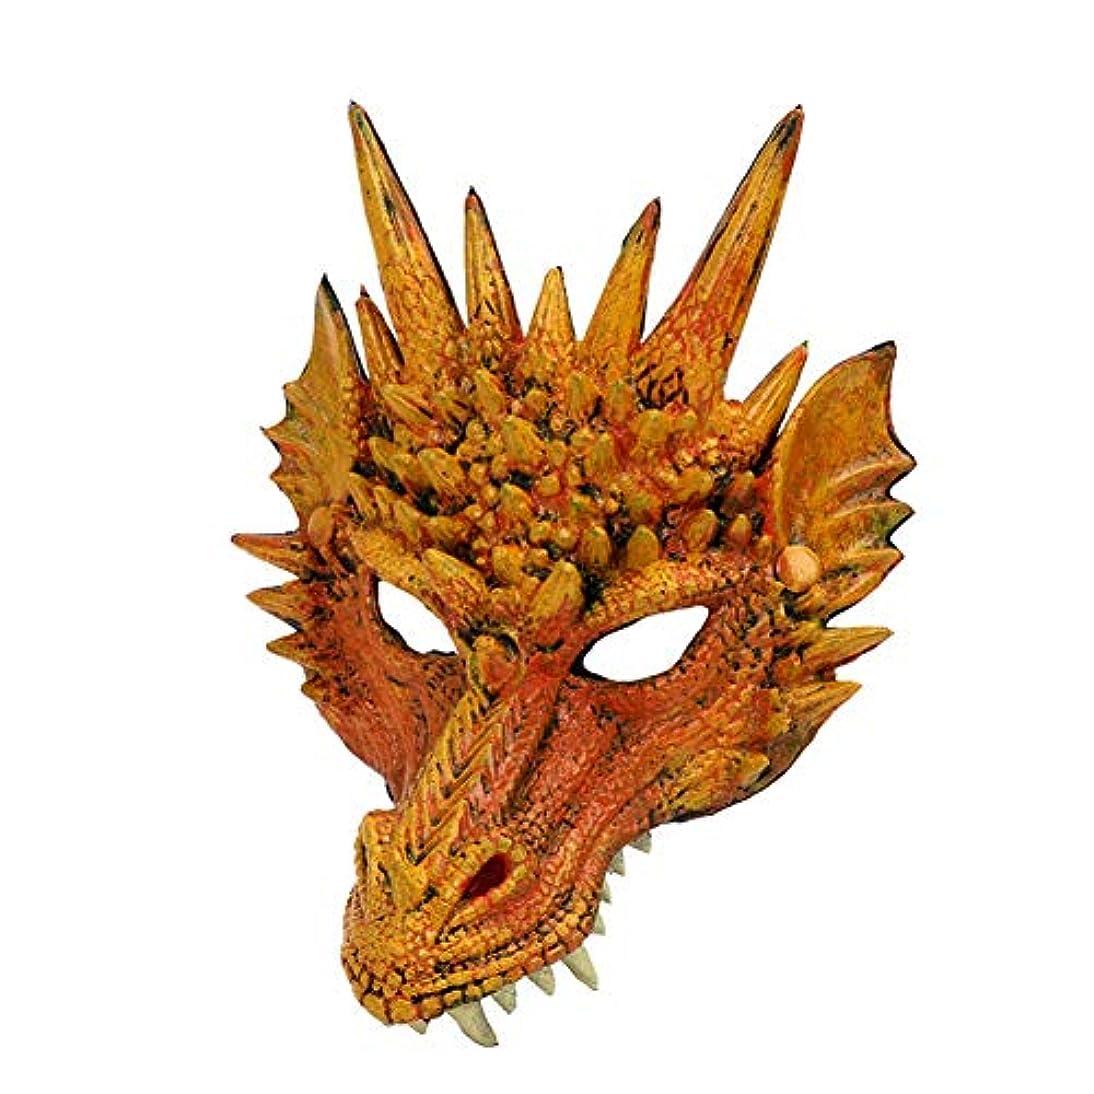 相対サイズ困難デコレーションEsolom 4Dドラゴンマスク ハーフマスク 10代の子供のためのハロウィンコスチューム パーティーの装飾 テーマパーティー用品 ドラゴンコスプレ小道具